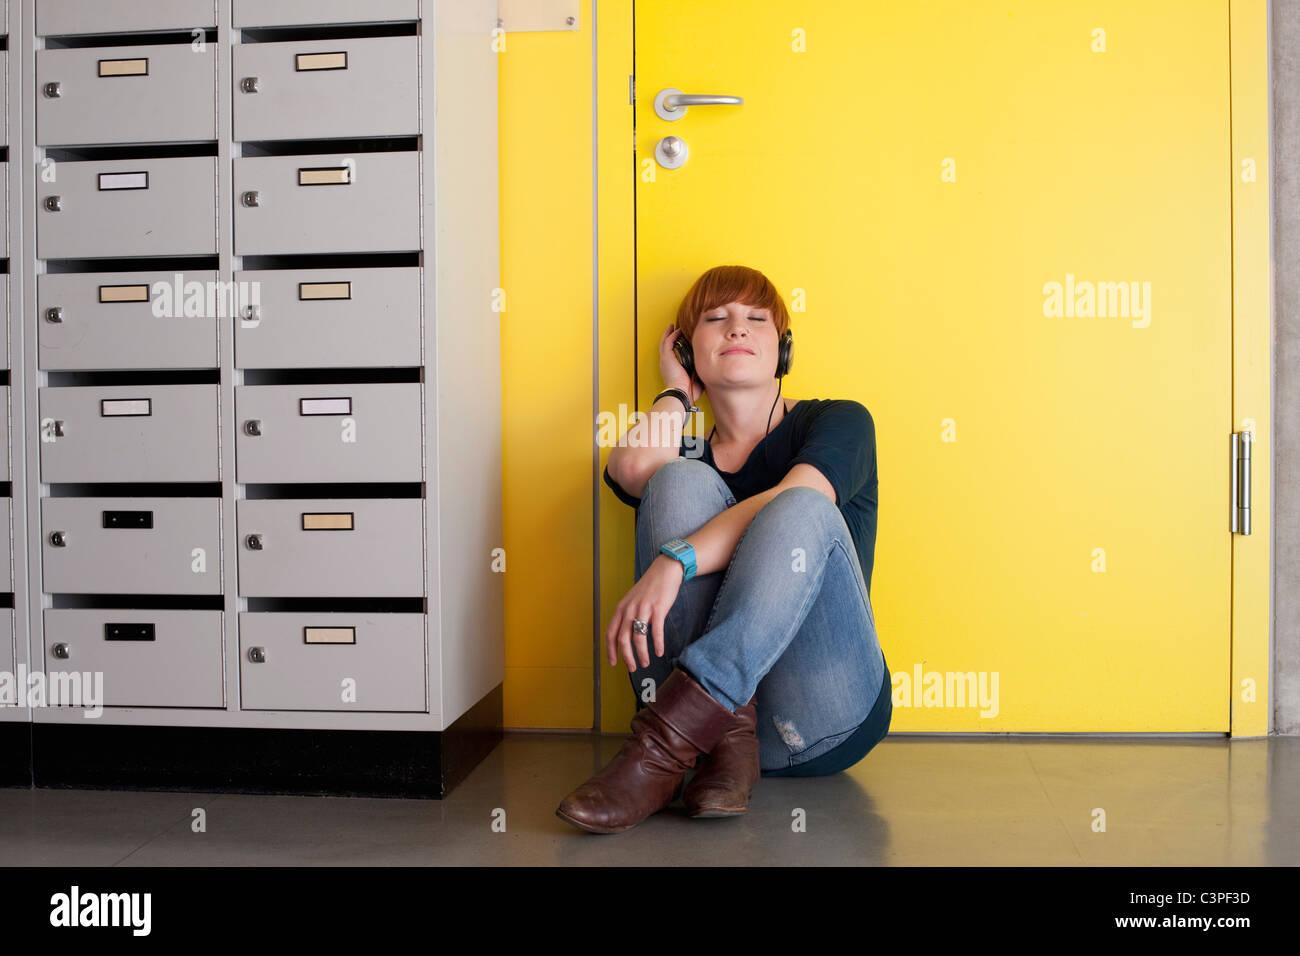 L'Allemagne, Leipzig, jeune femme assise et écoute la musique au vestiaire. Photo Stock